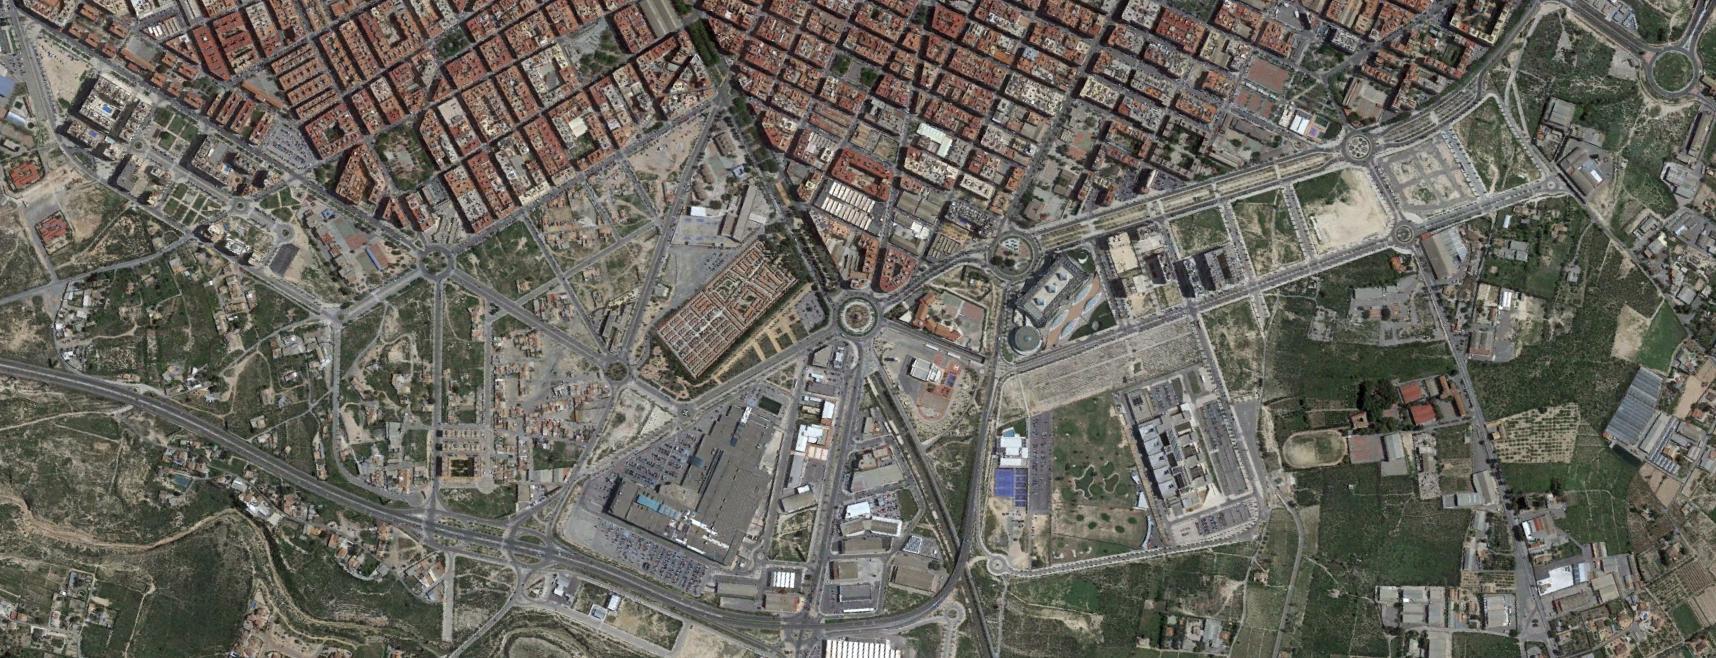 elche, alicante, leche, después, urbanismo, planeamiento, urbano, desastre, urbanístico, construcción, rotondas, carretera